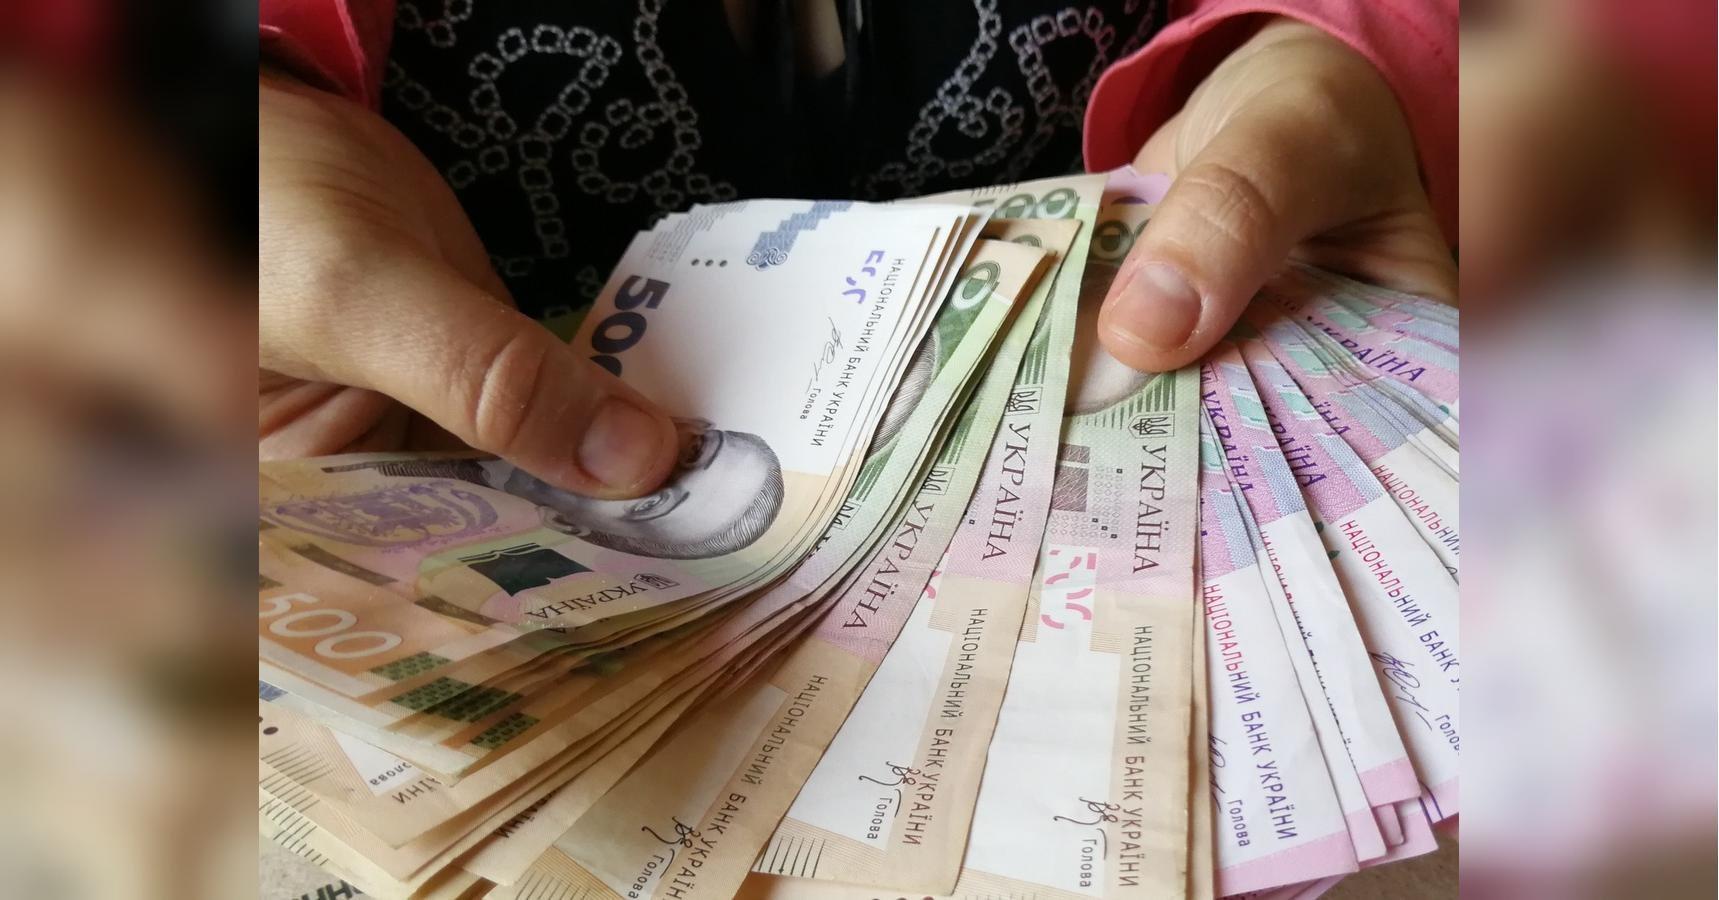 В Херсонской области будут судить управляющую отделением банка за присвоение почти 300 тысяч гривен клиента